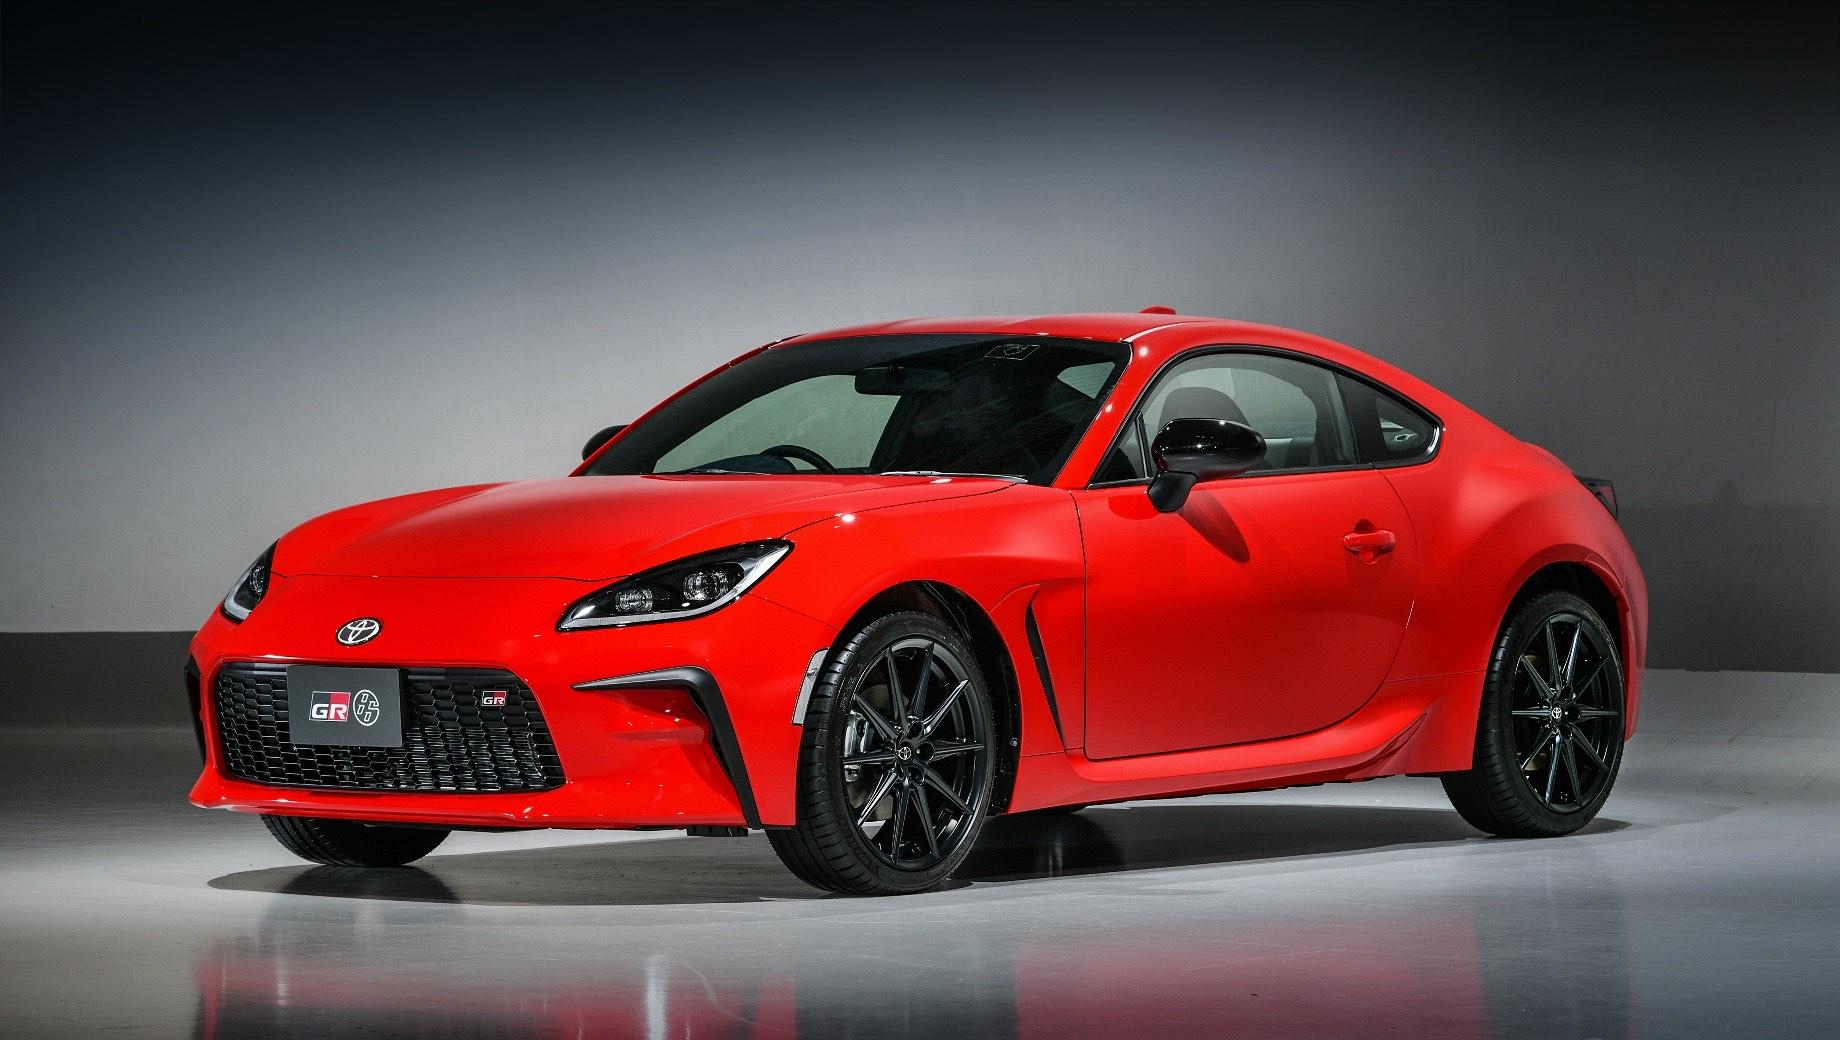 Toyota gr86. Как и раньше, спорткупе Тойоты изначально оснащается вентилируемыми тормозами на обеих осях, но базовая размерность шин изменилась — с 215/45 R17 на 215/40 R18.